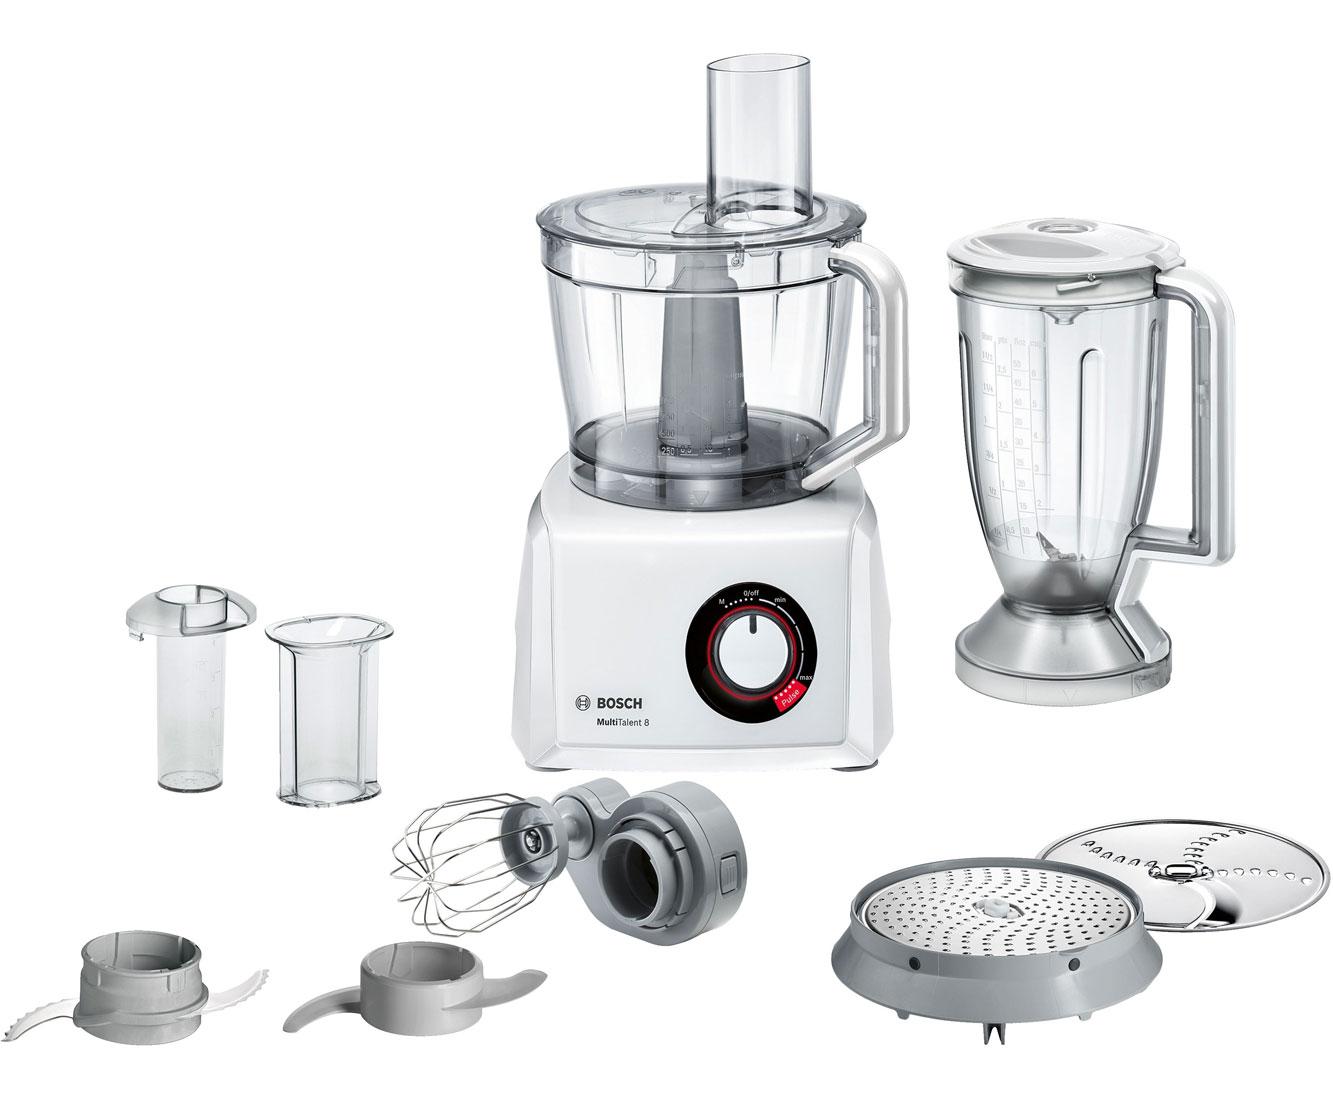 Bosch MC812W501 Küchenmaschine mit Supercut Messer und Mixer-Aufsatz -  1.000 Watt - Weiß